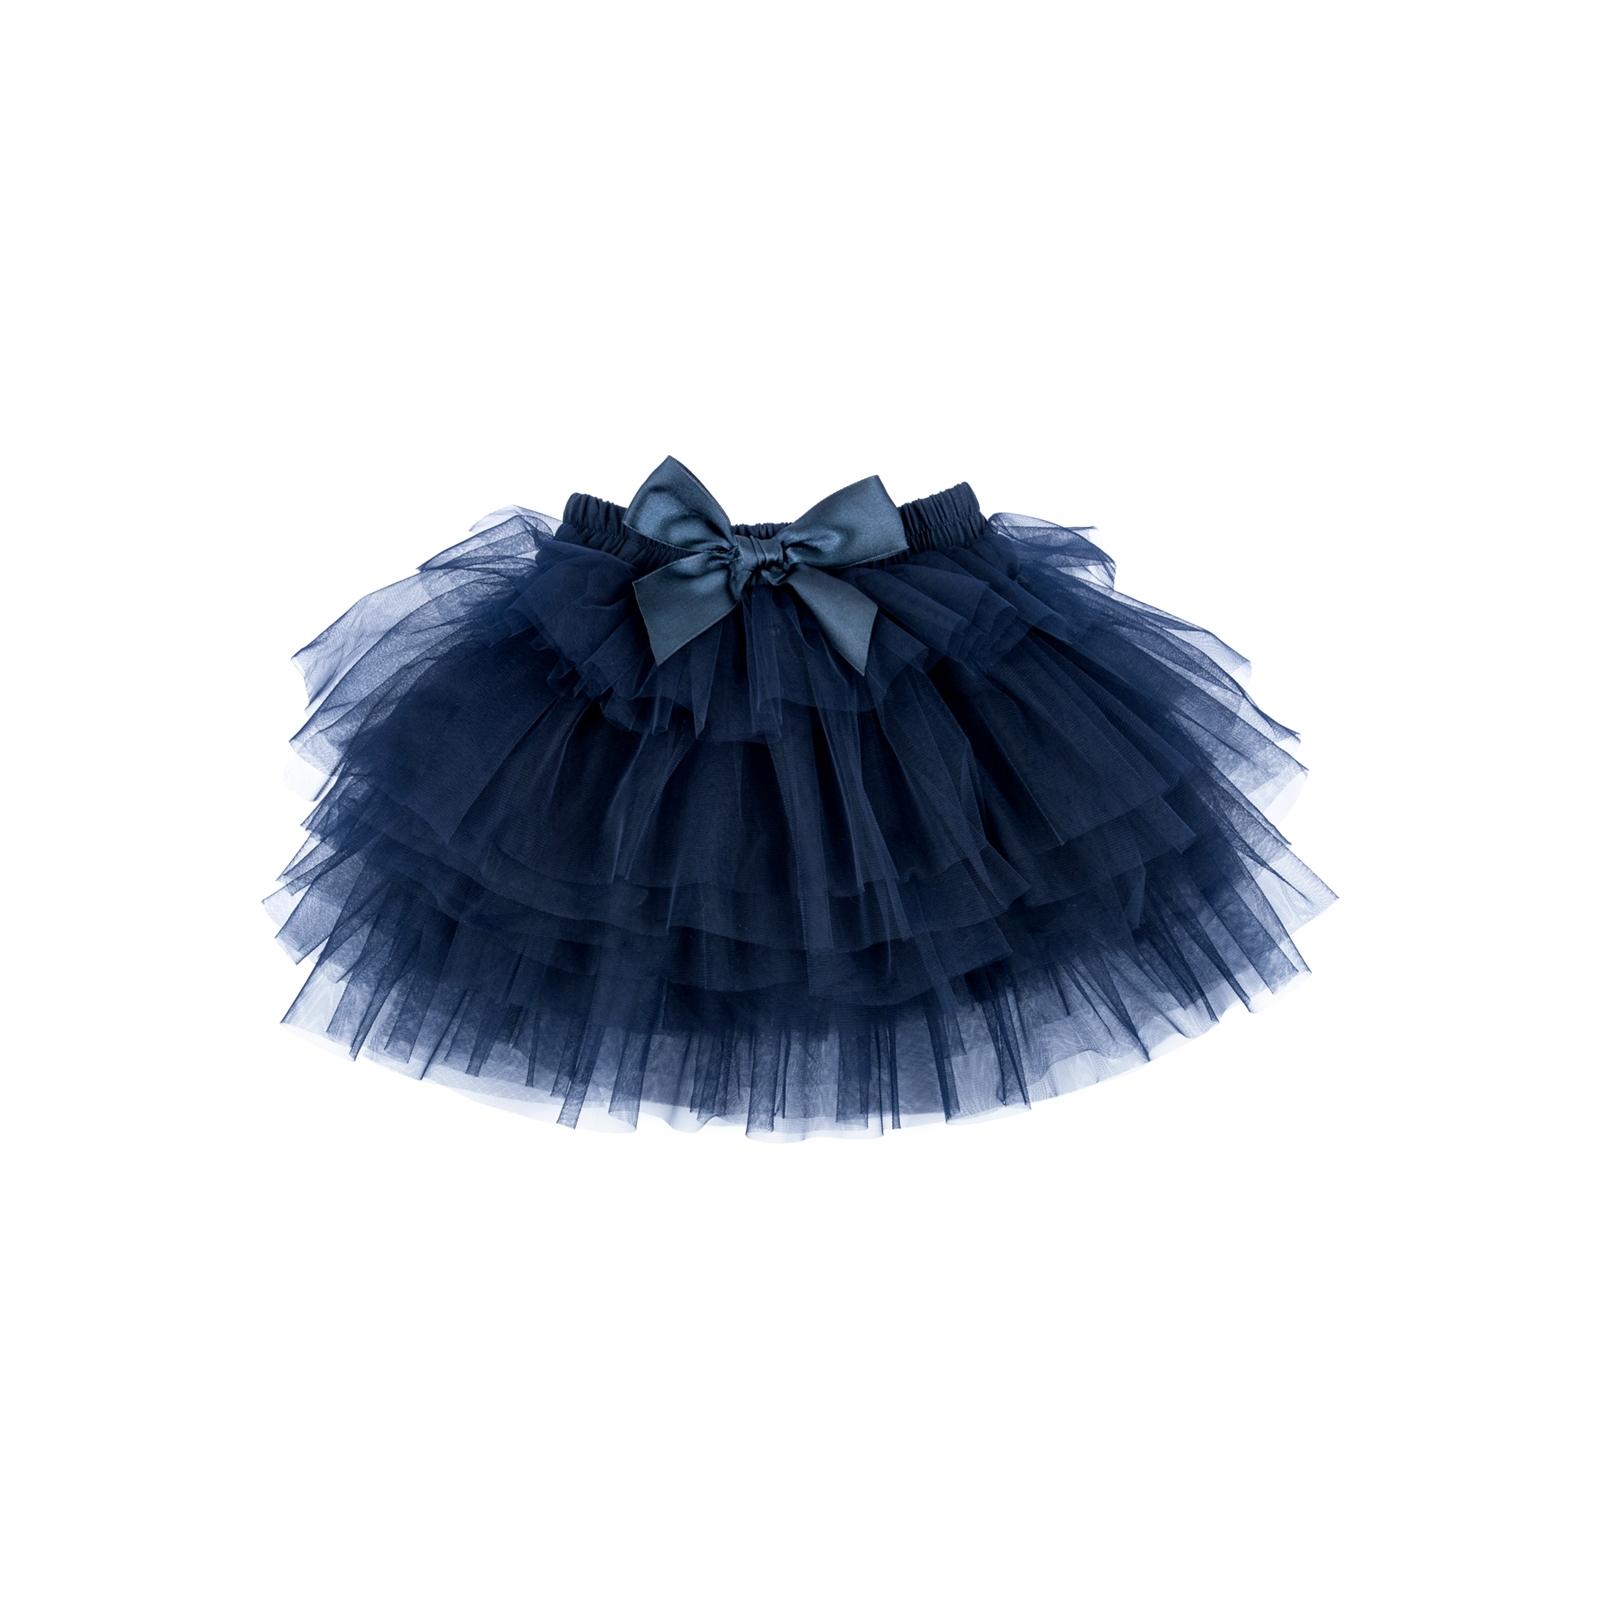 Юбка Breeze фатиновая многослойная (9938-128G-blue)